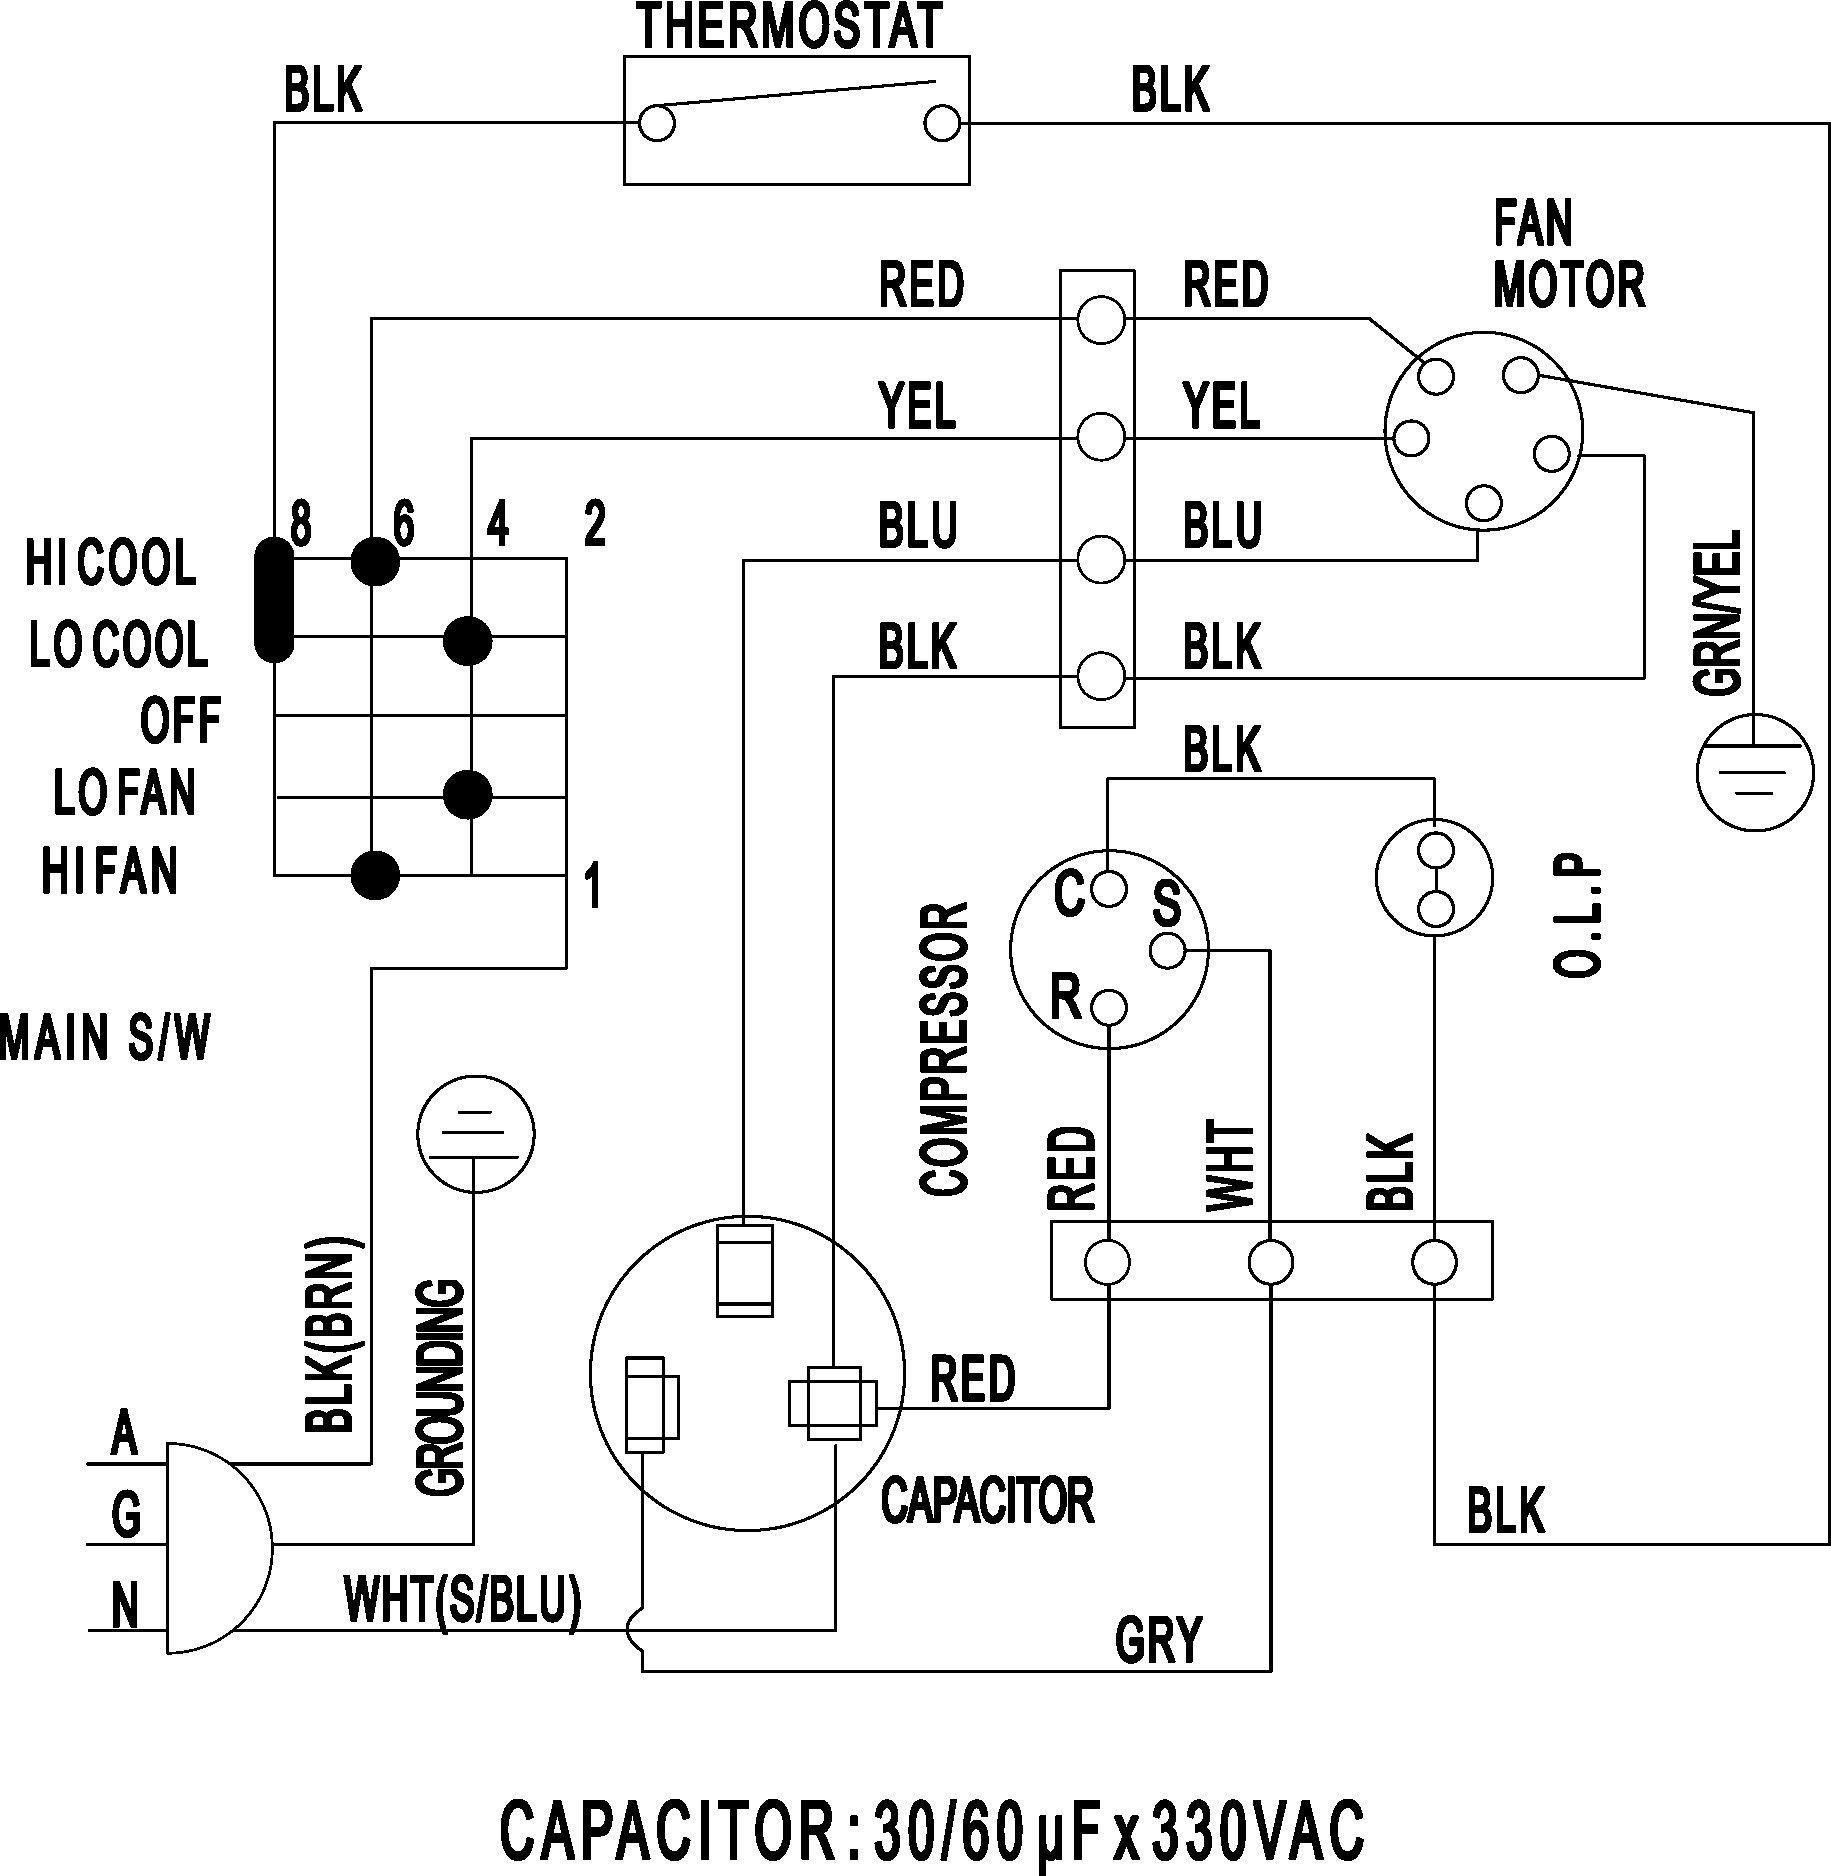 Unique Hvac Wiring Diagram Tutorial Diagram Diagramsample